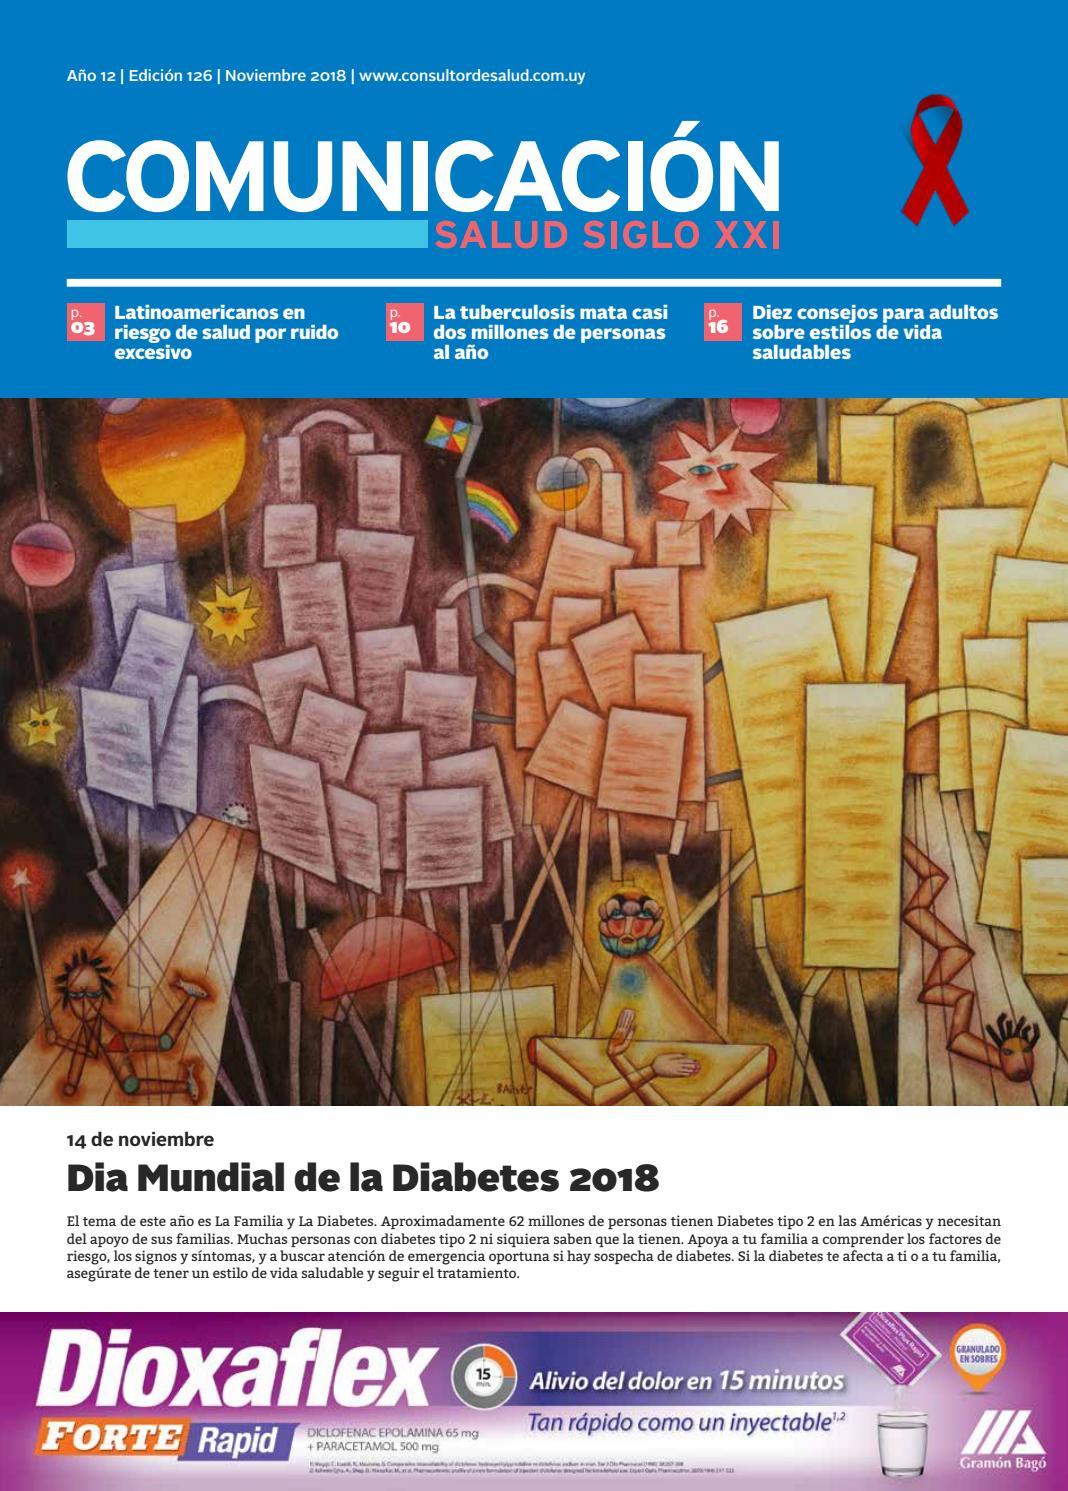 mezcla de extensión de vida con niacina extra y diabetes